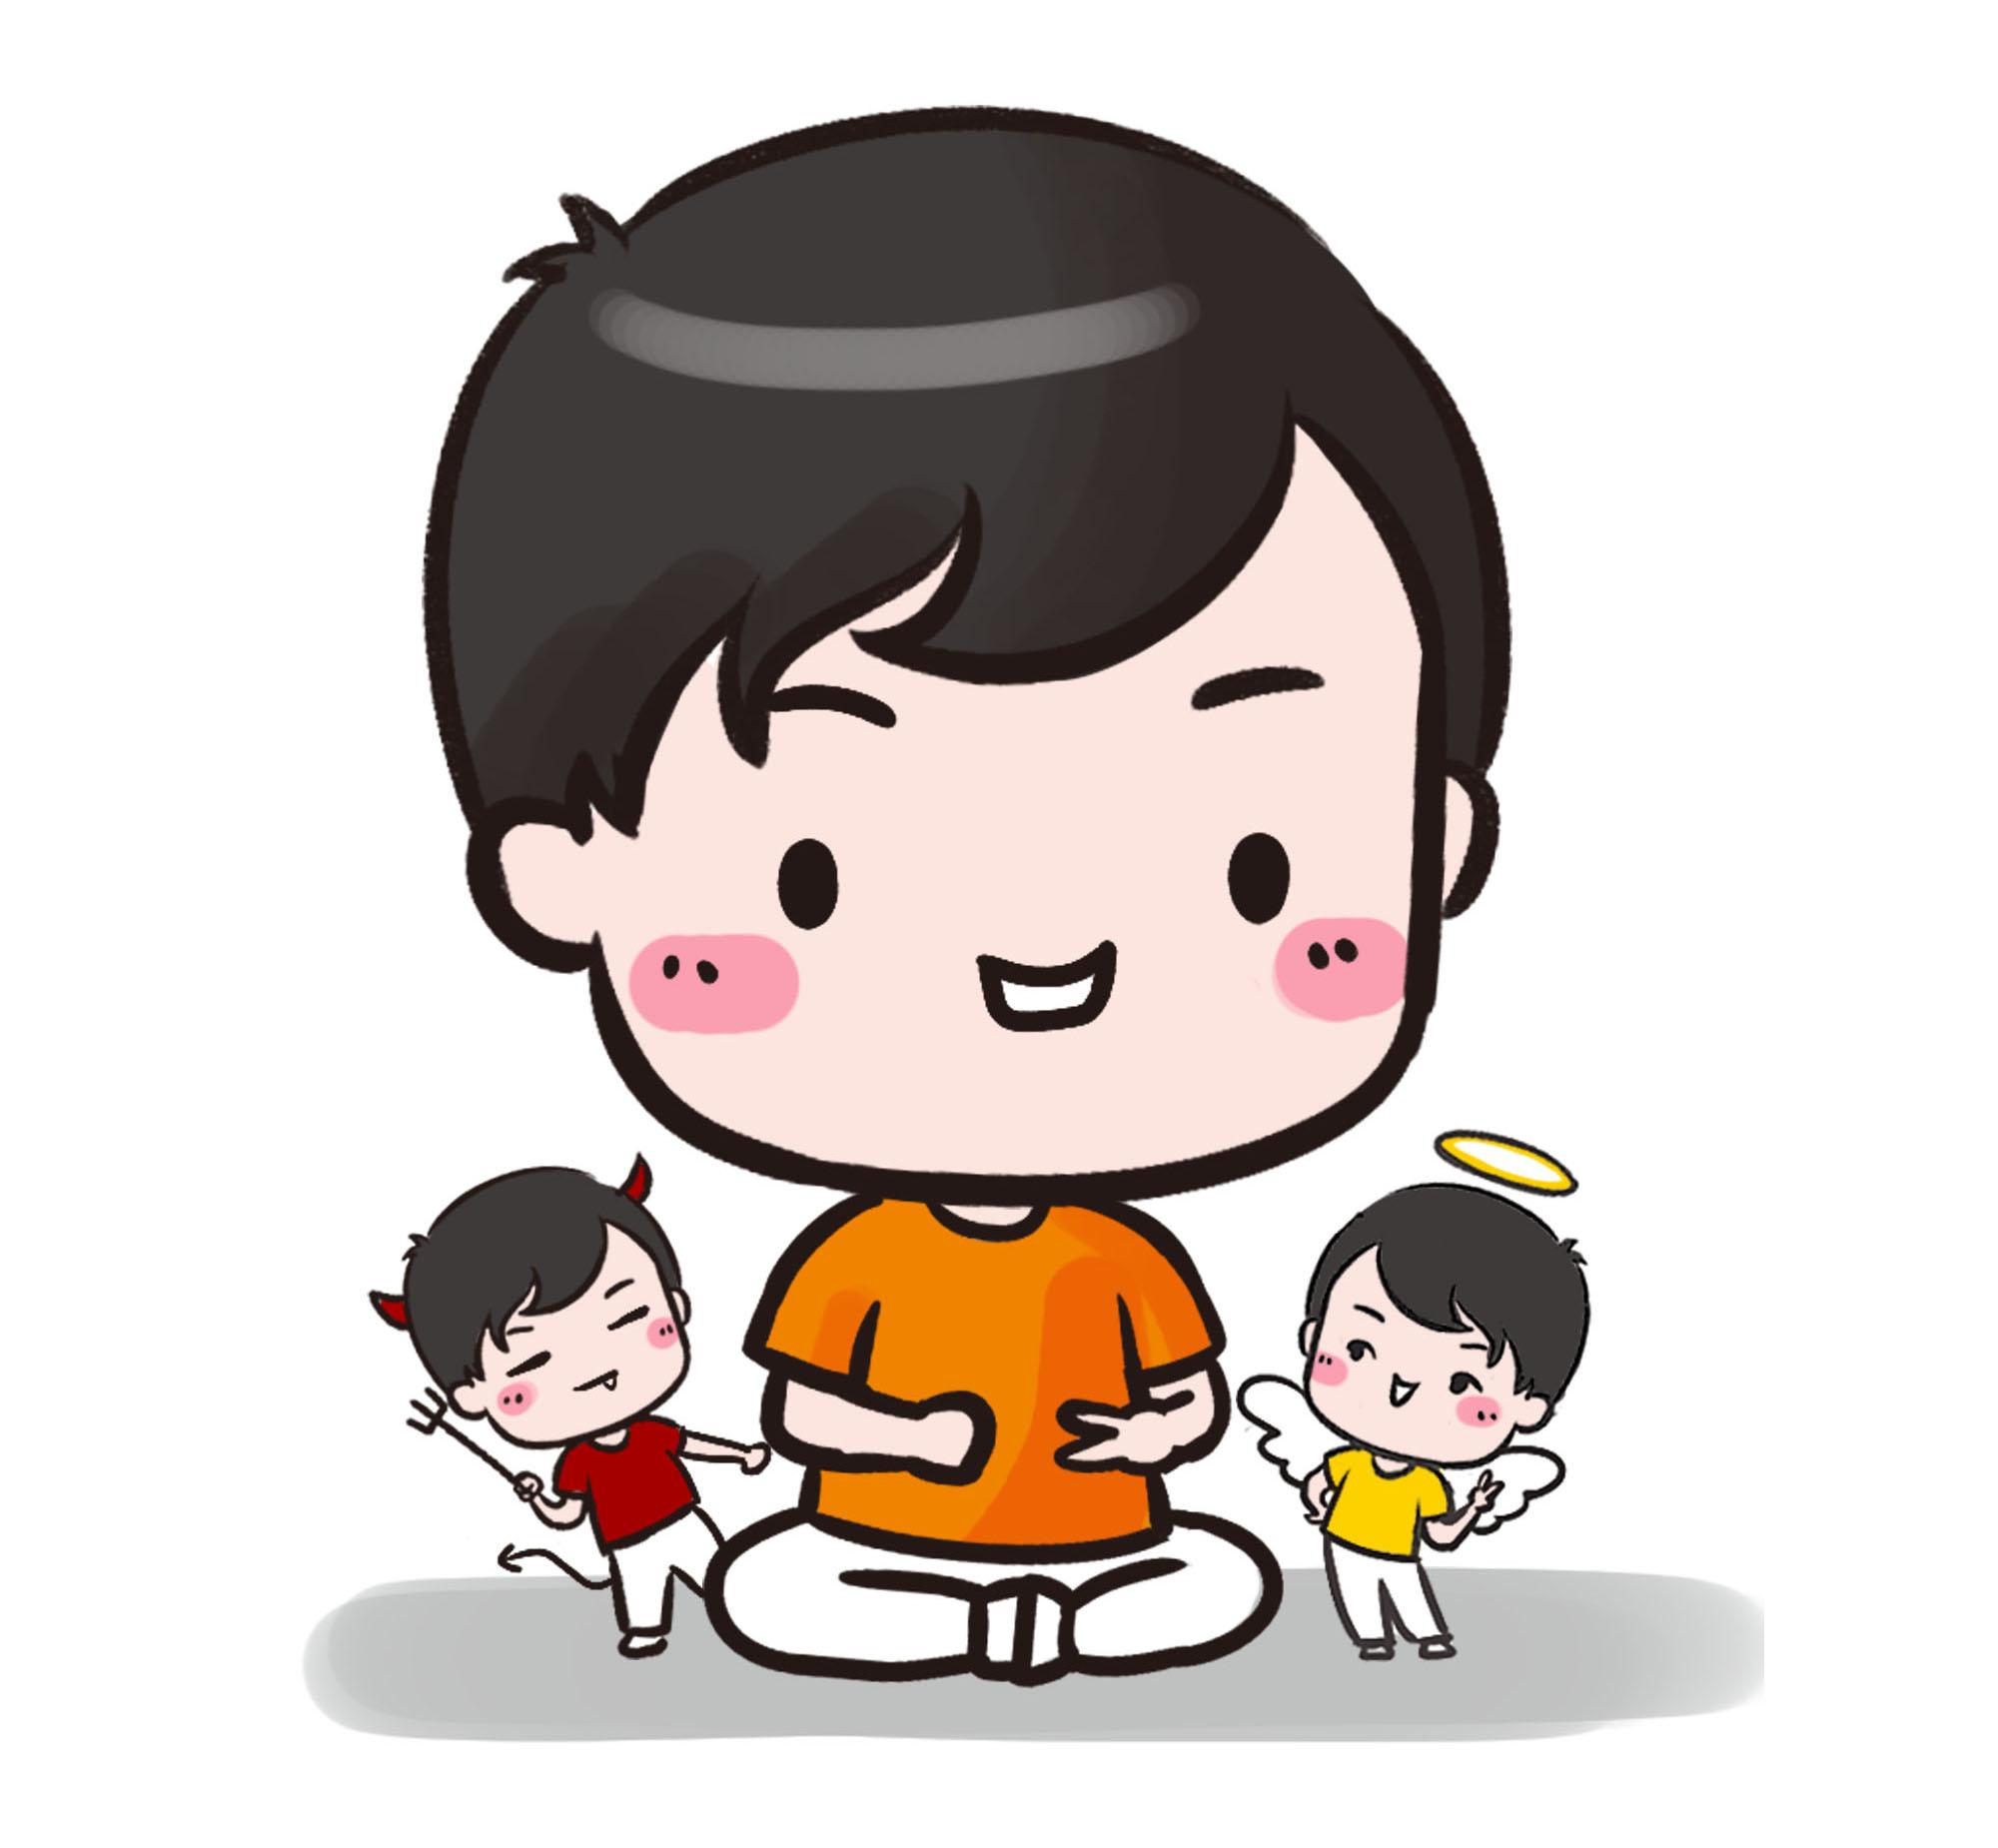 双子座宝宝~|动漫|中/长篇漫画|那个鱼yuu - 原创作品图片